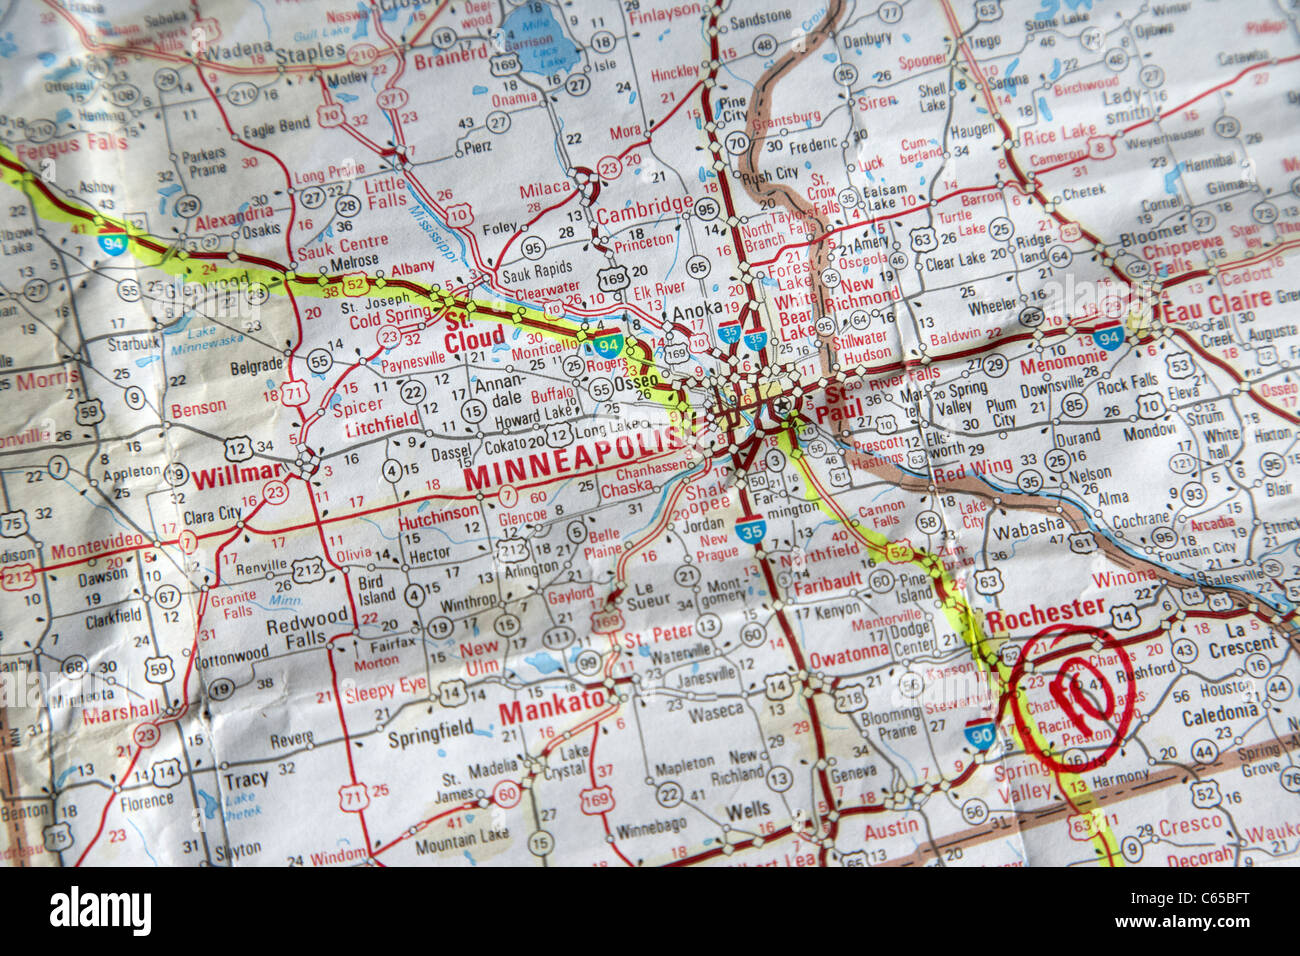 La Cartina Geografica Degli Stati Uniti.Mappa Stradale Degli Stati Uniti D America Con Percorsi Pianificati In Evidenziatore Attraverso Minneapolis Minnesota Usa Foto Stock Alamy